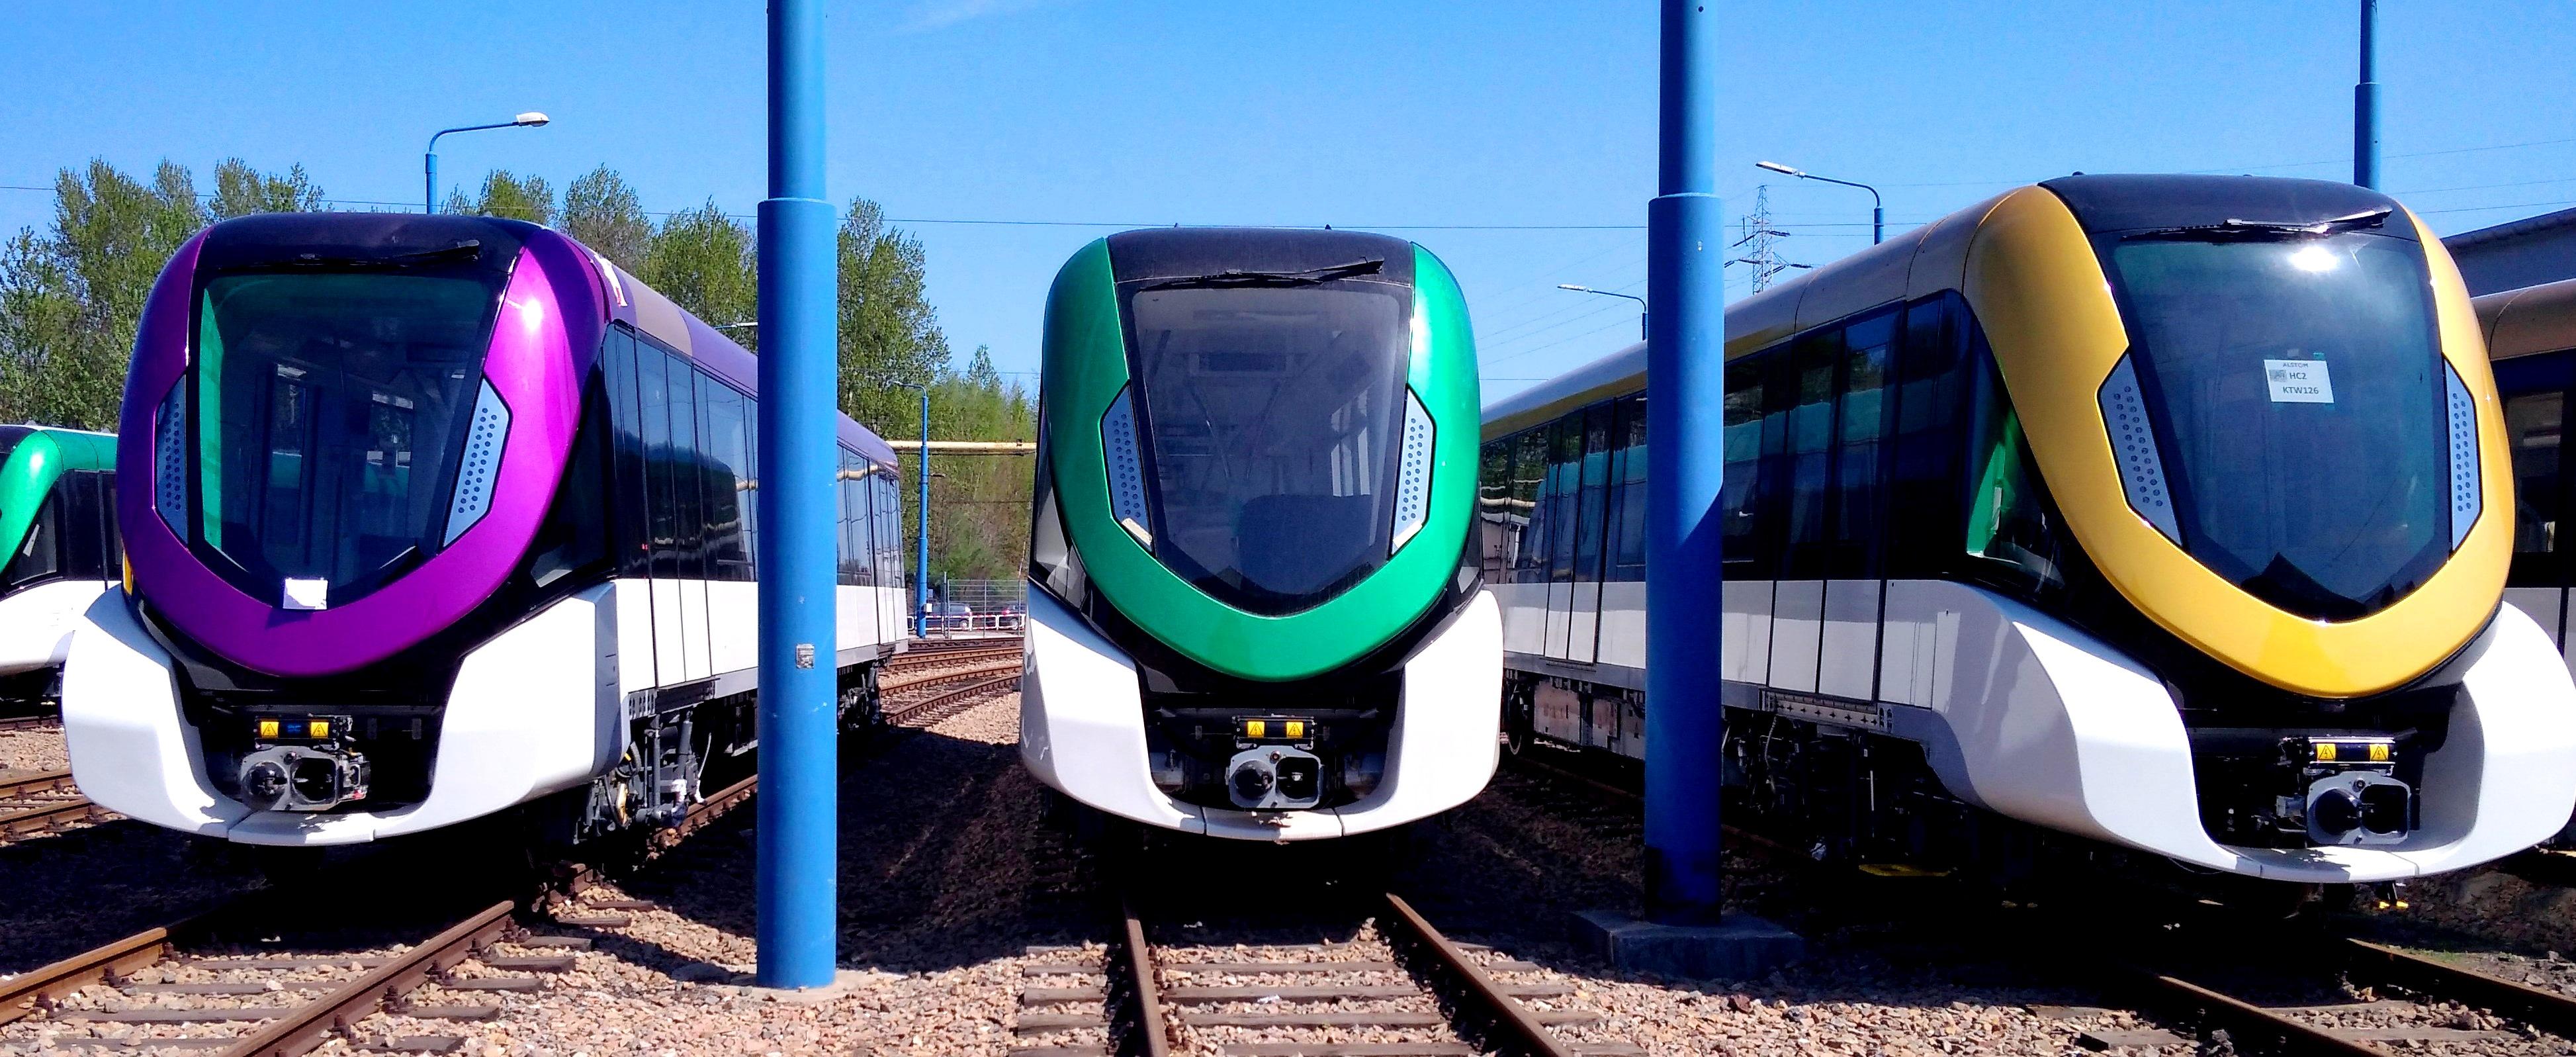 Alstom Konstal kończy dostawę pojazdów metra dla Rijadu za 300 mln euro. Fot. Alstom Konstal